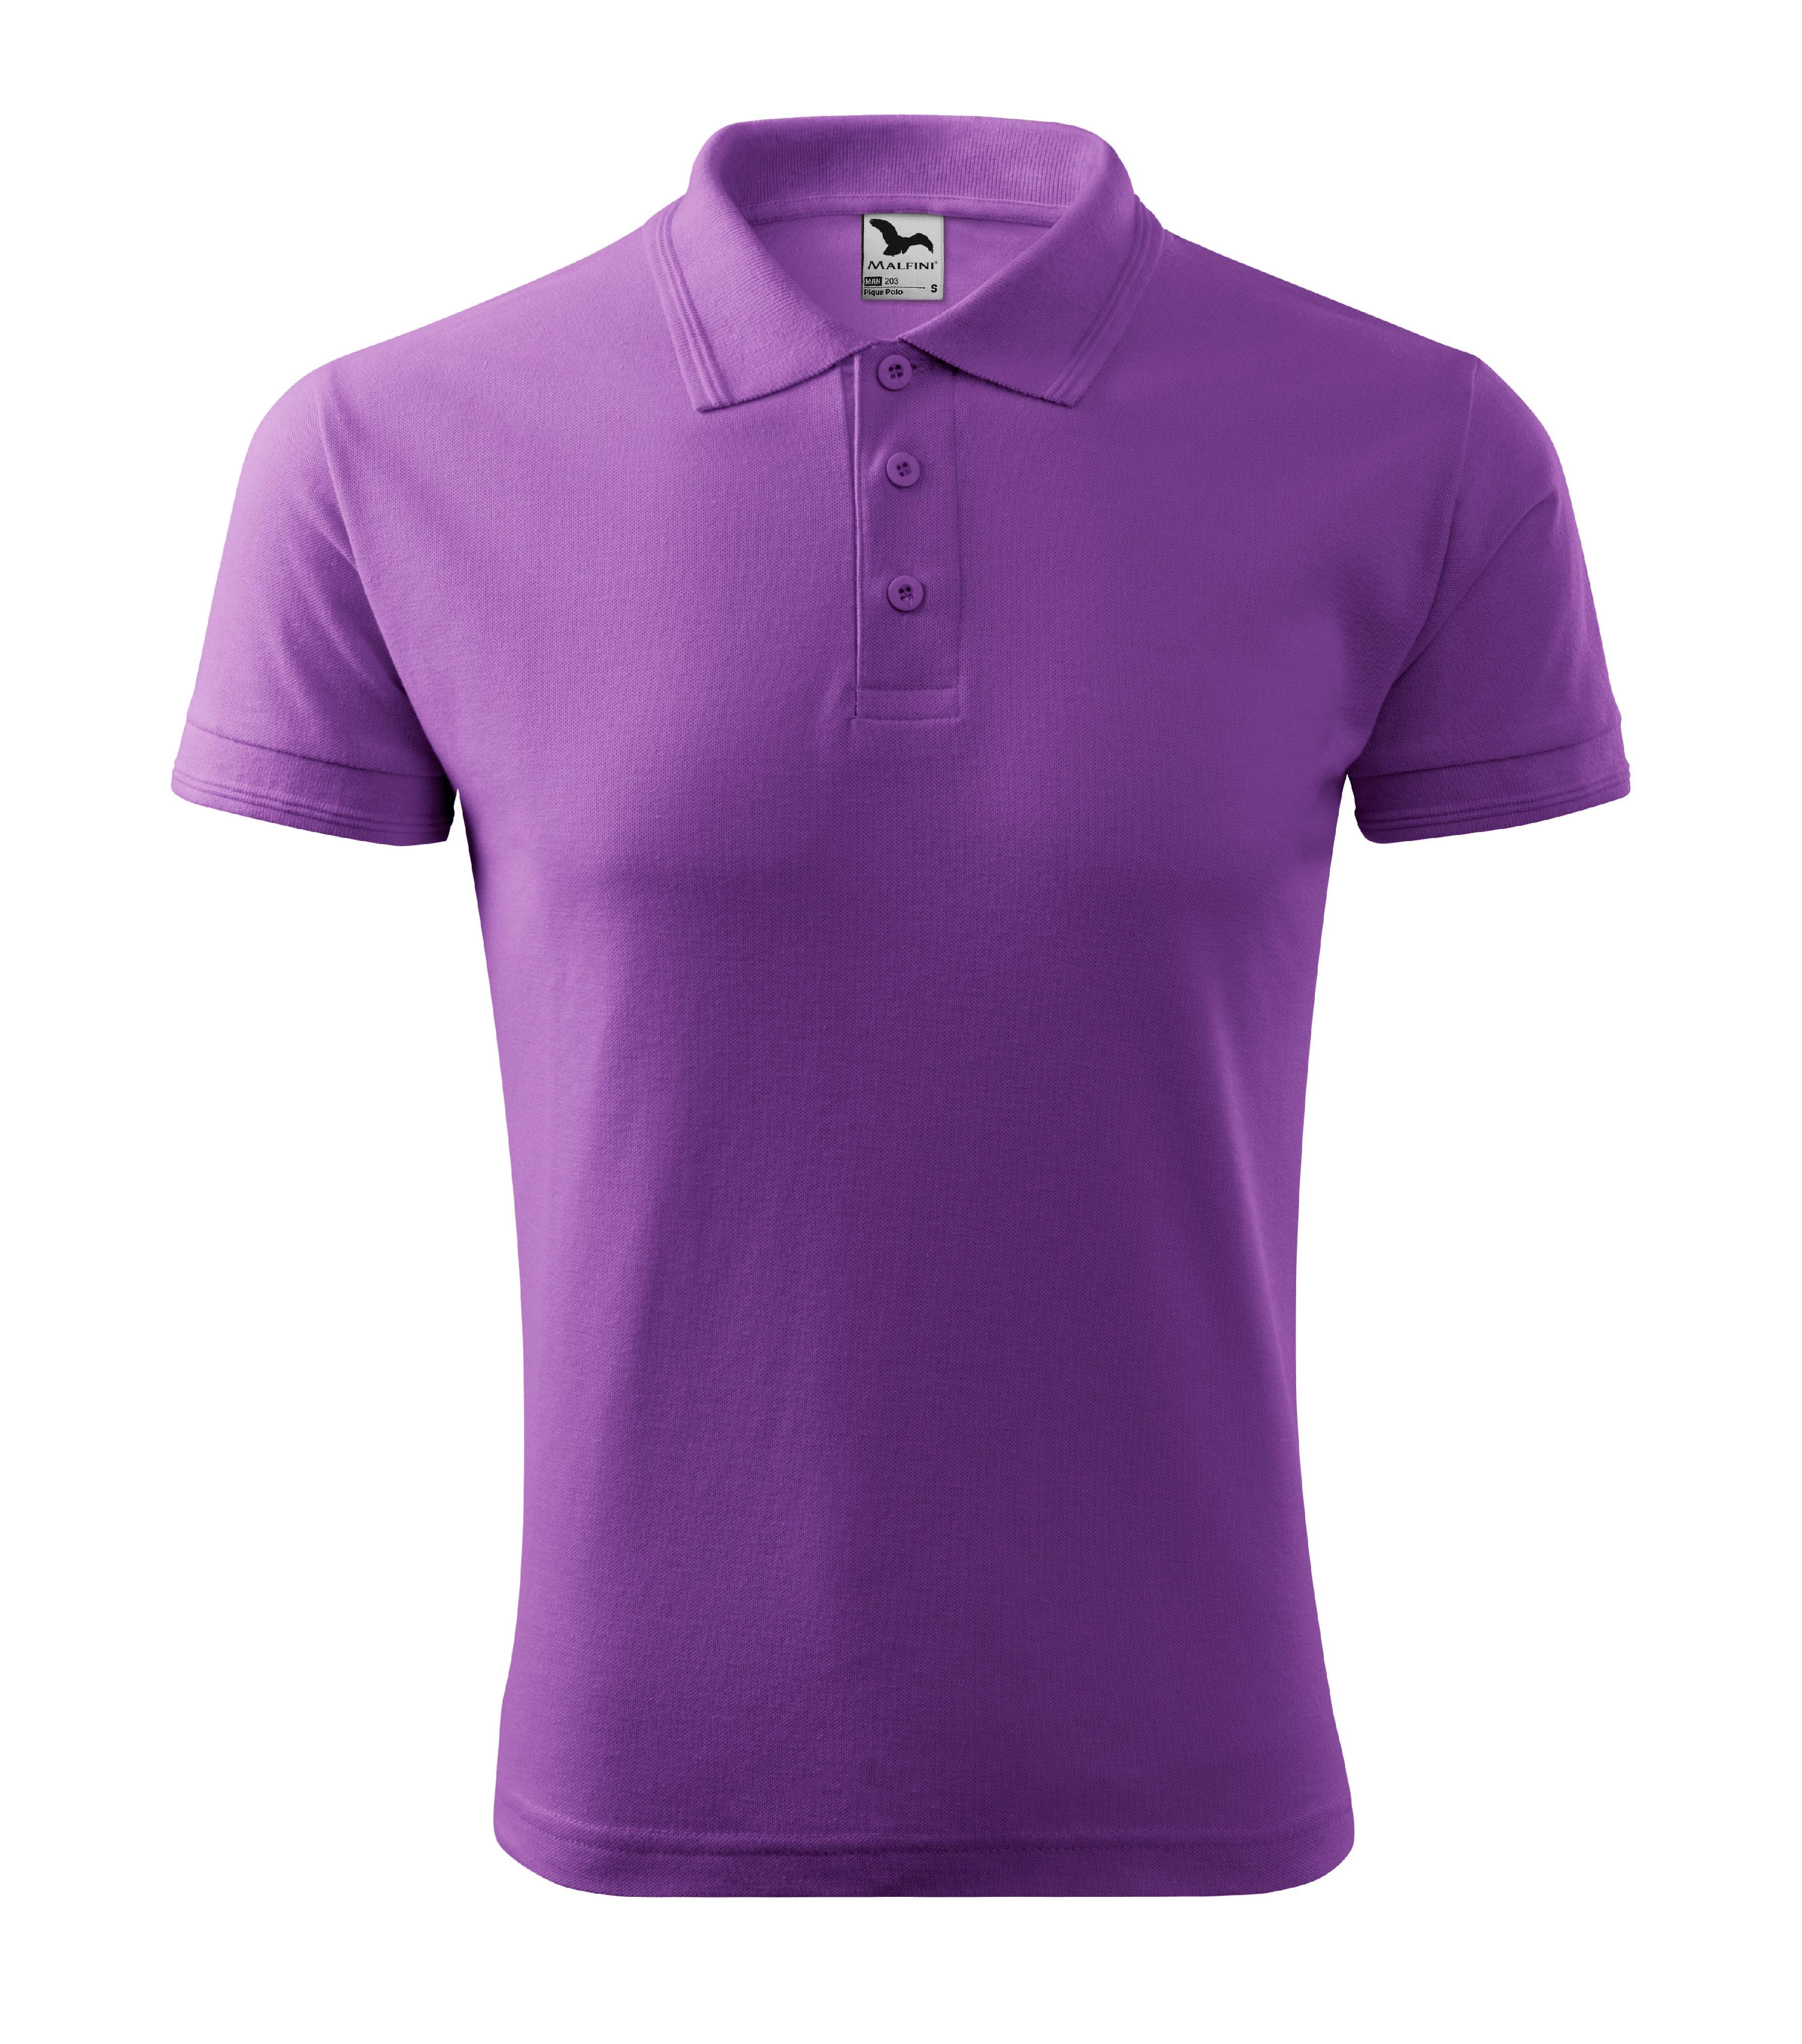 Polokošile pánská Pique Polo Barva: Fialová, Velikost: L